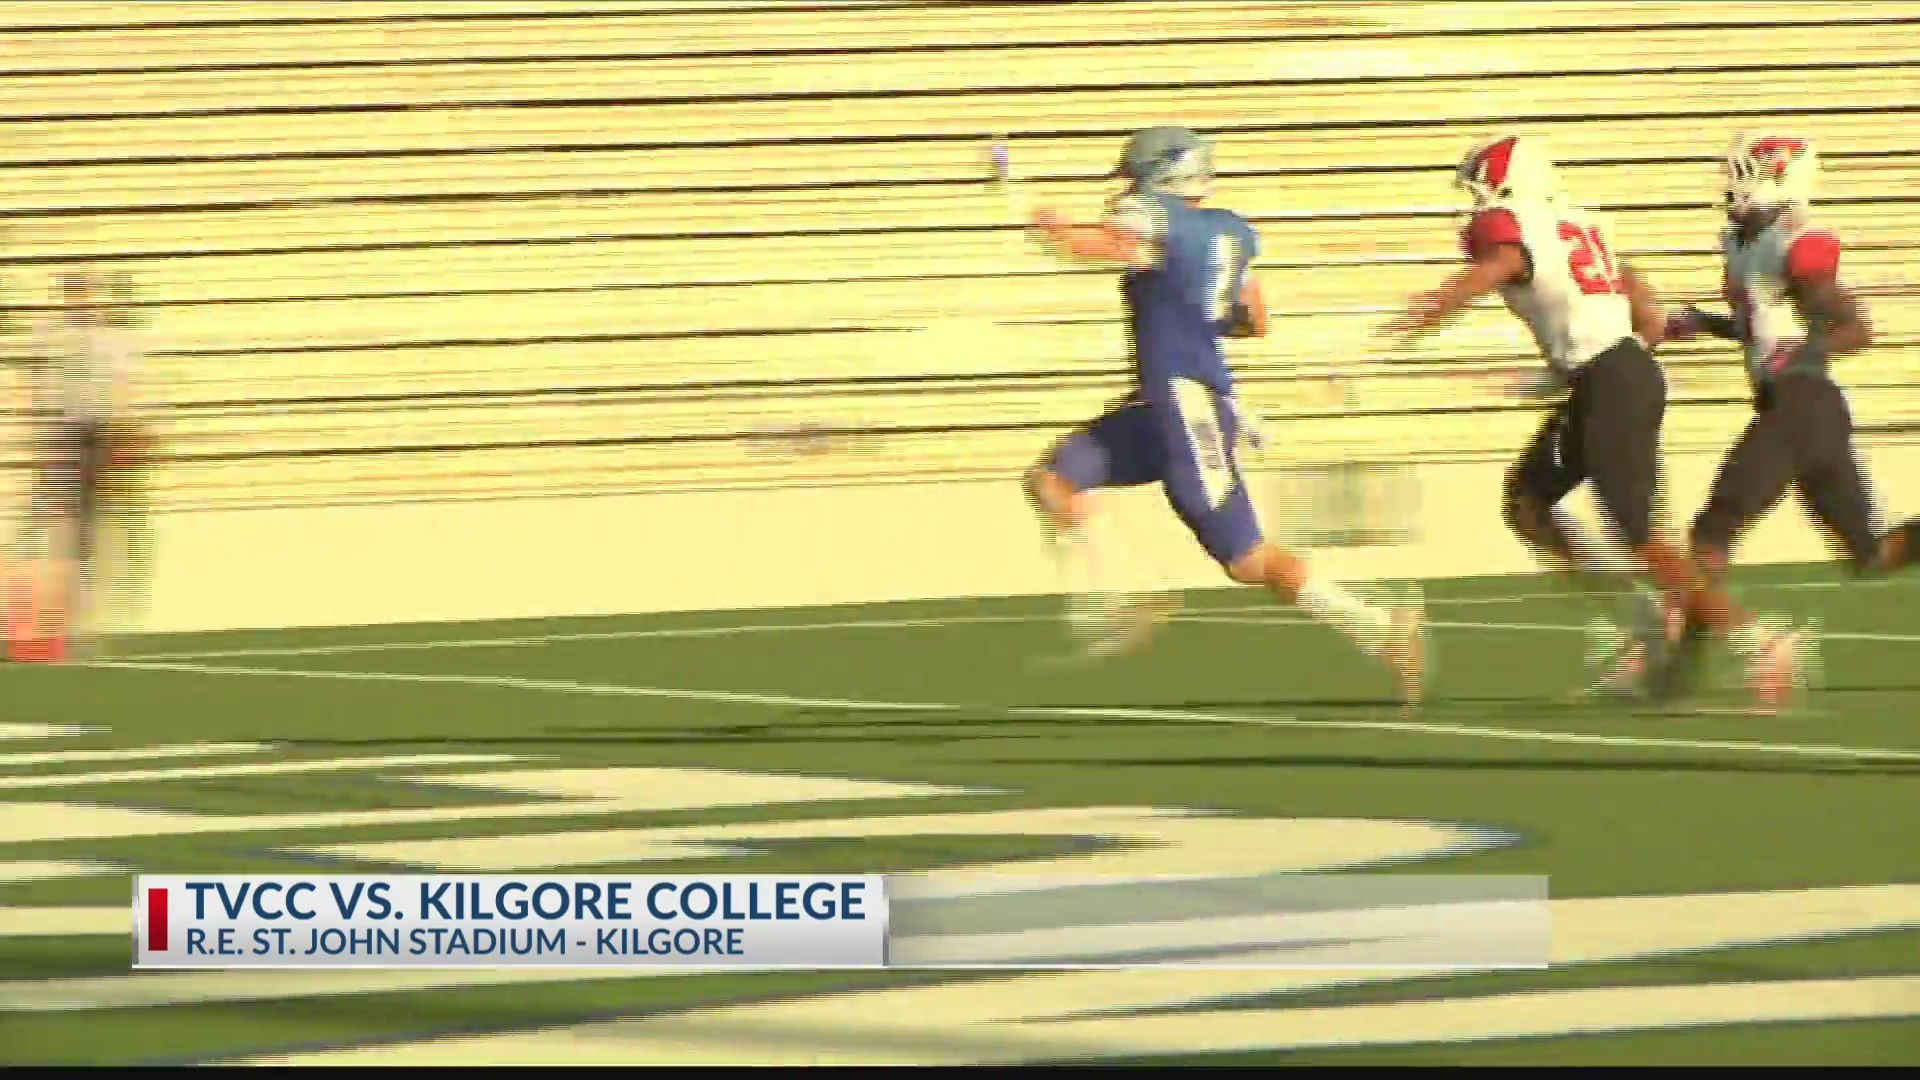 Kilgore_College_beats_TVCC_49_24_0_20181007034202